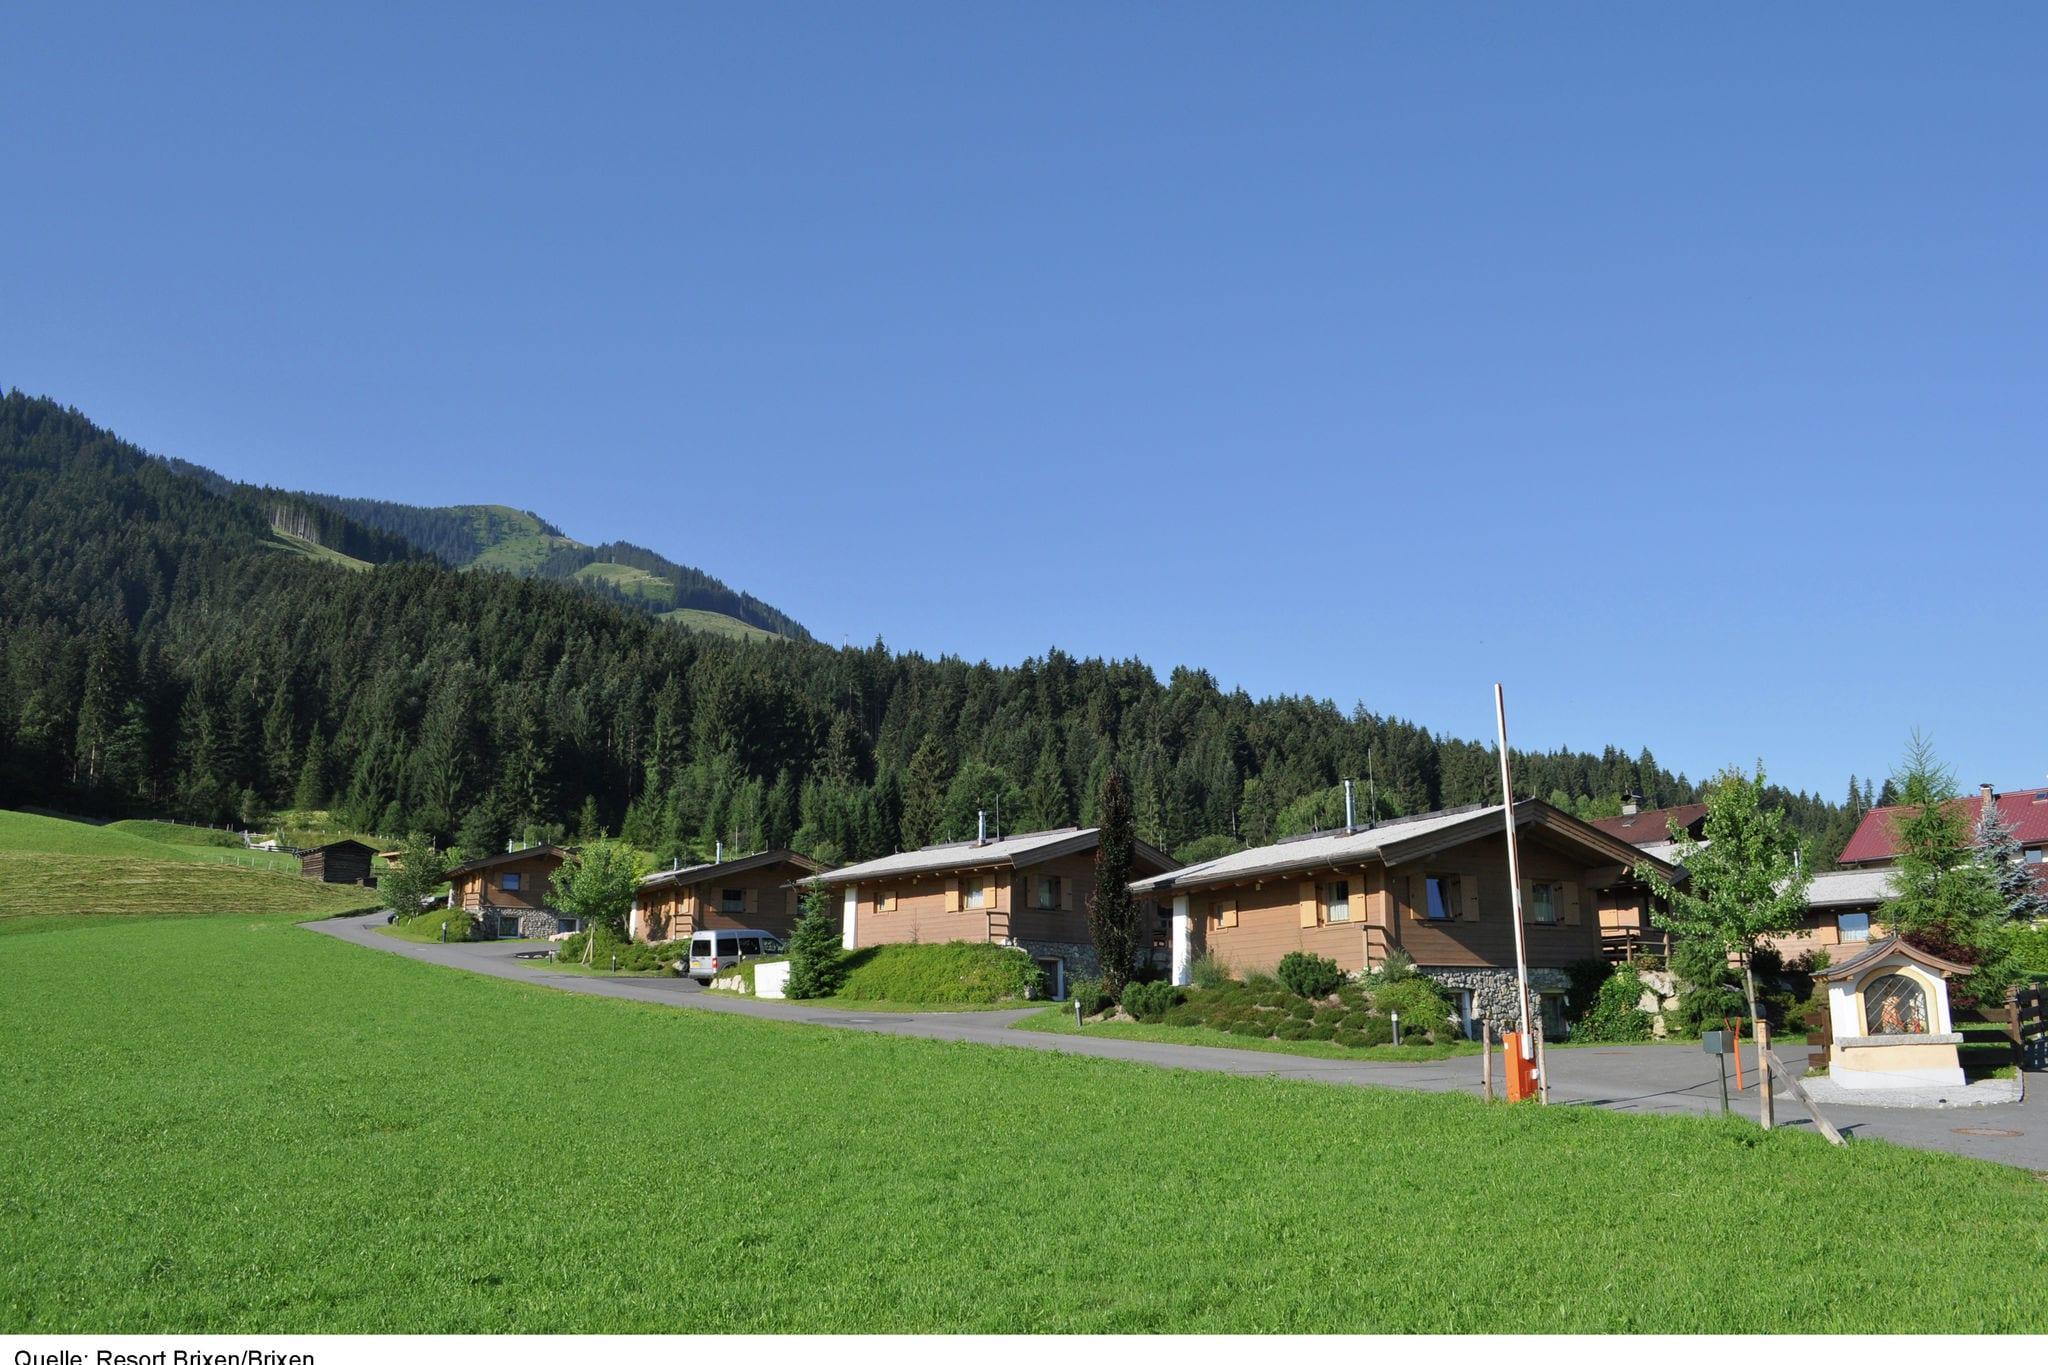 Ferienhaus Chalet Brixen 4 Personen Österreich - Tirol